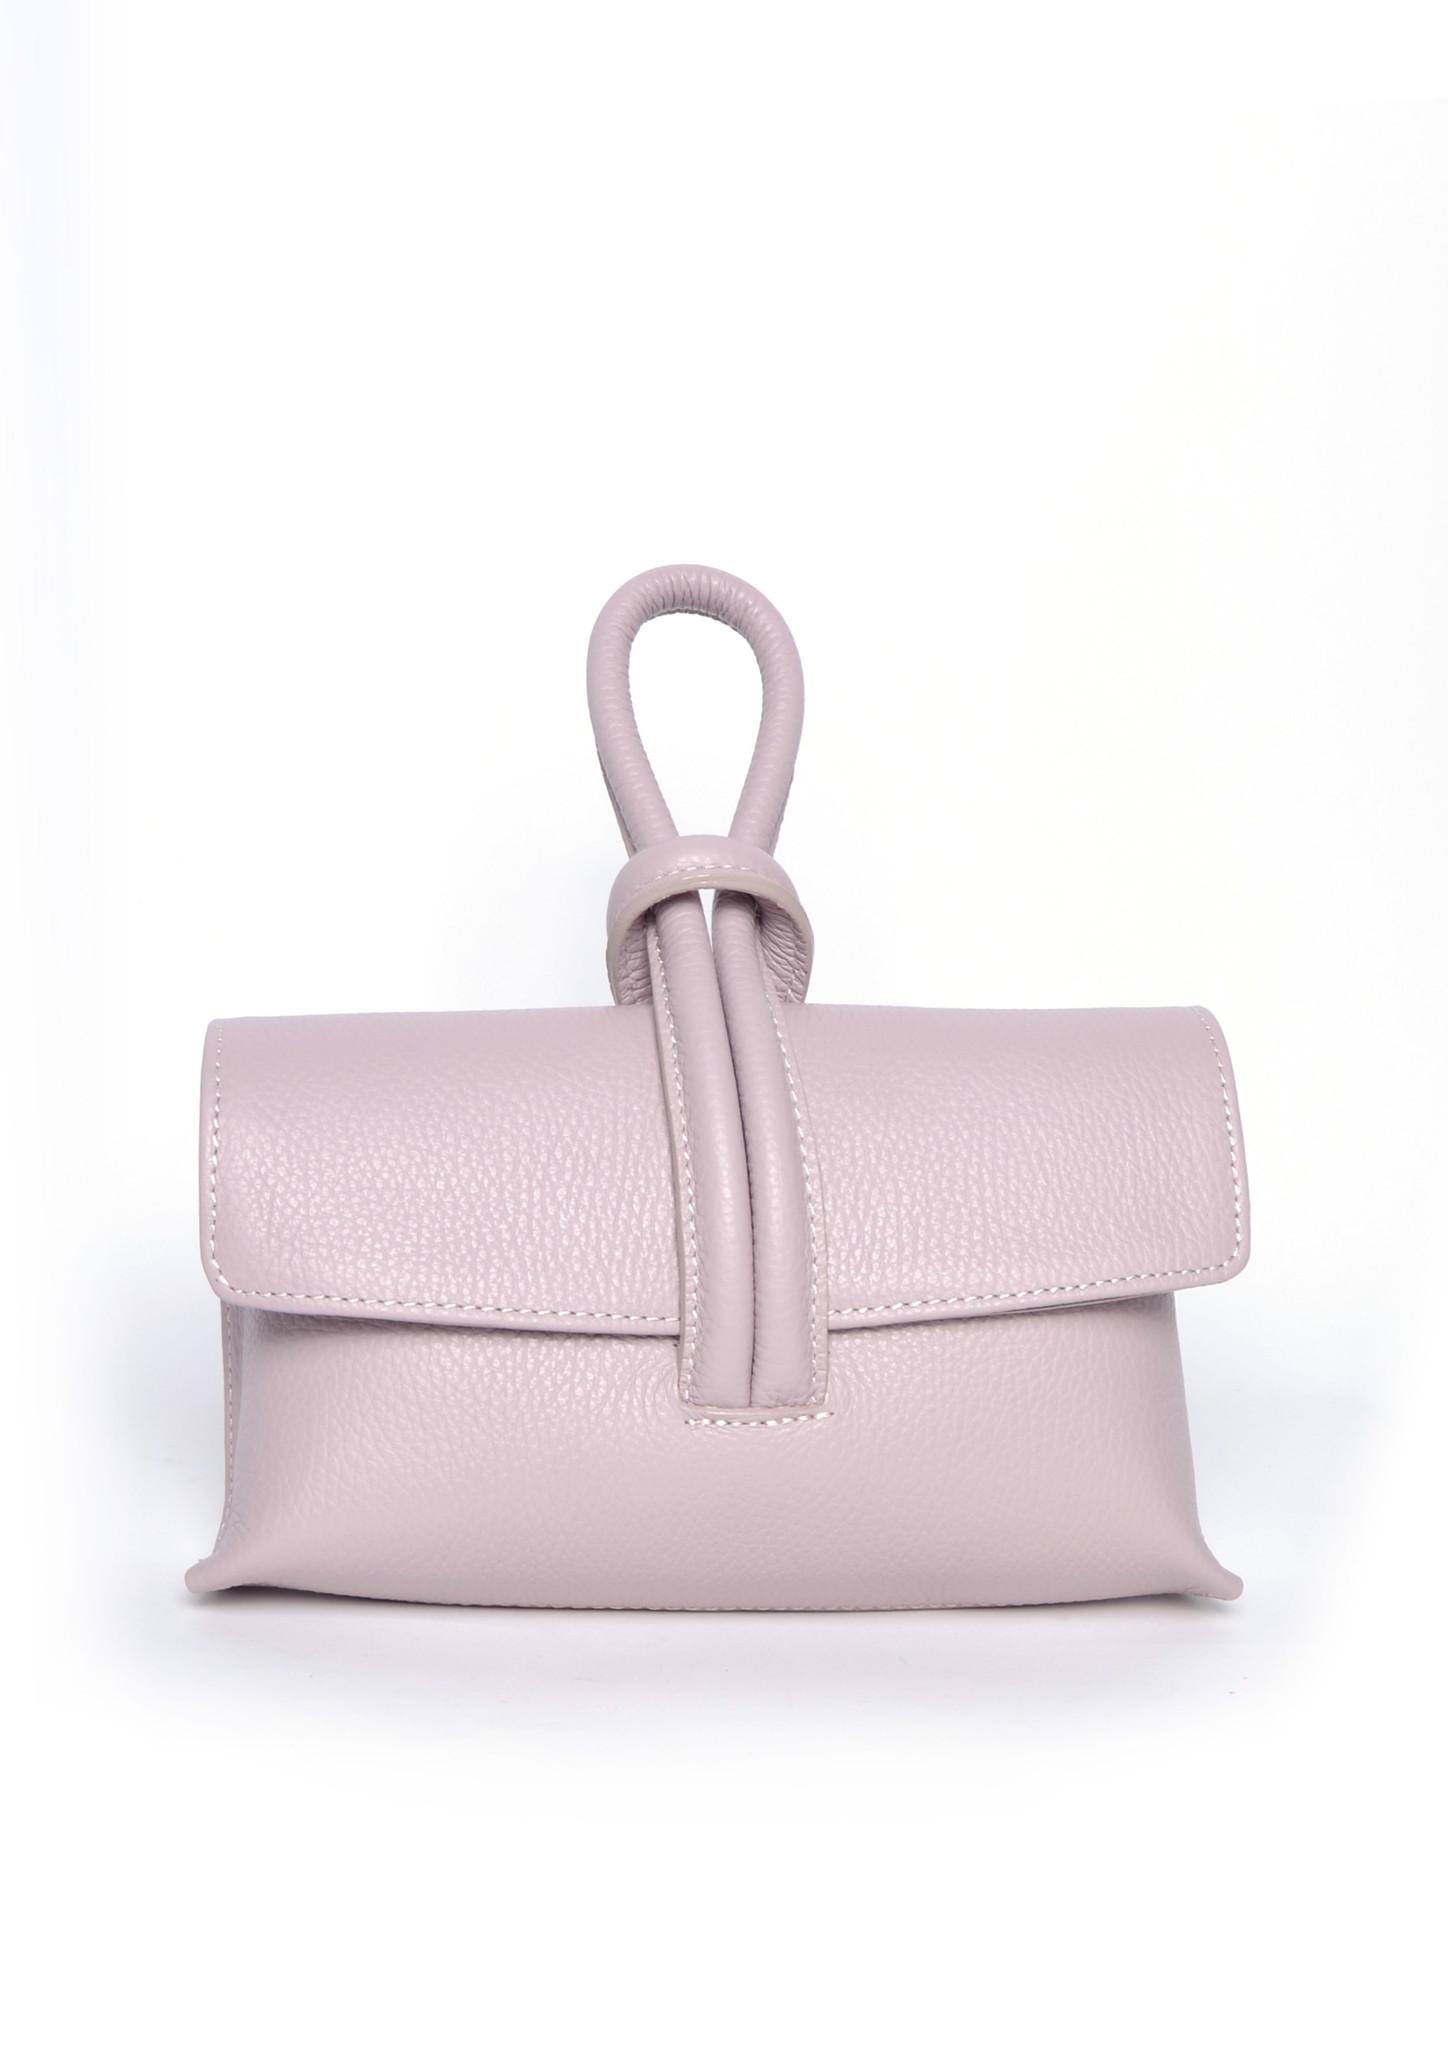 Leren Schoudertas Sandy nude roze schoudertassen look a like tassen trendy musthave fashion tas giuliano kopen bestellen